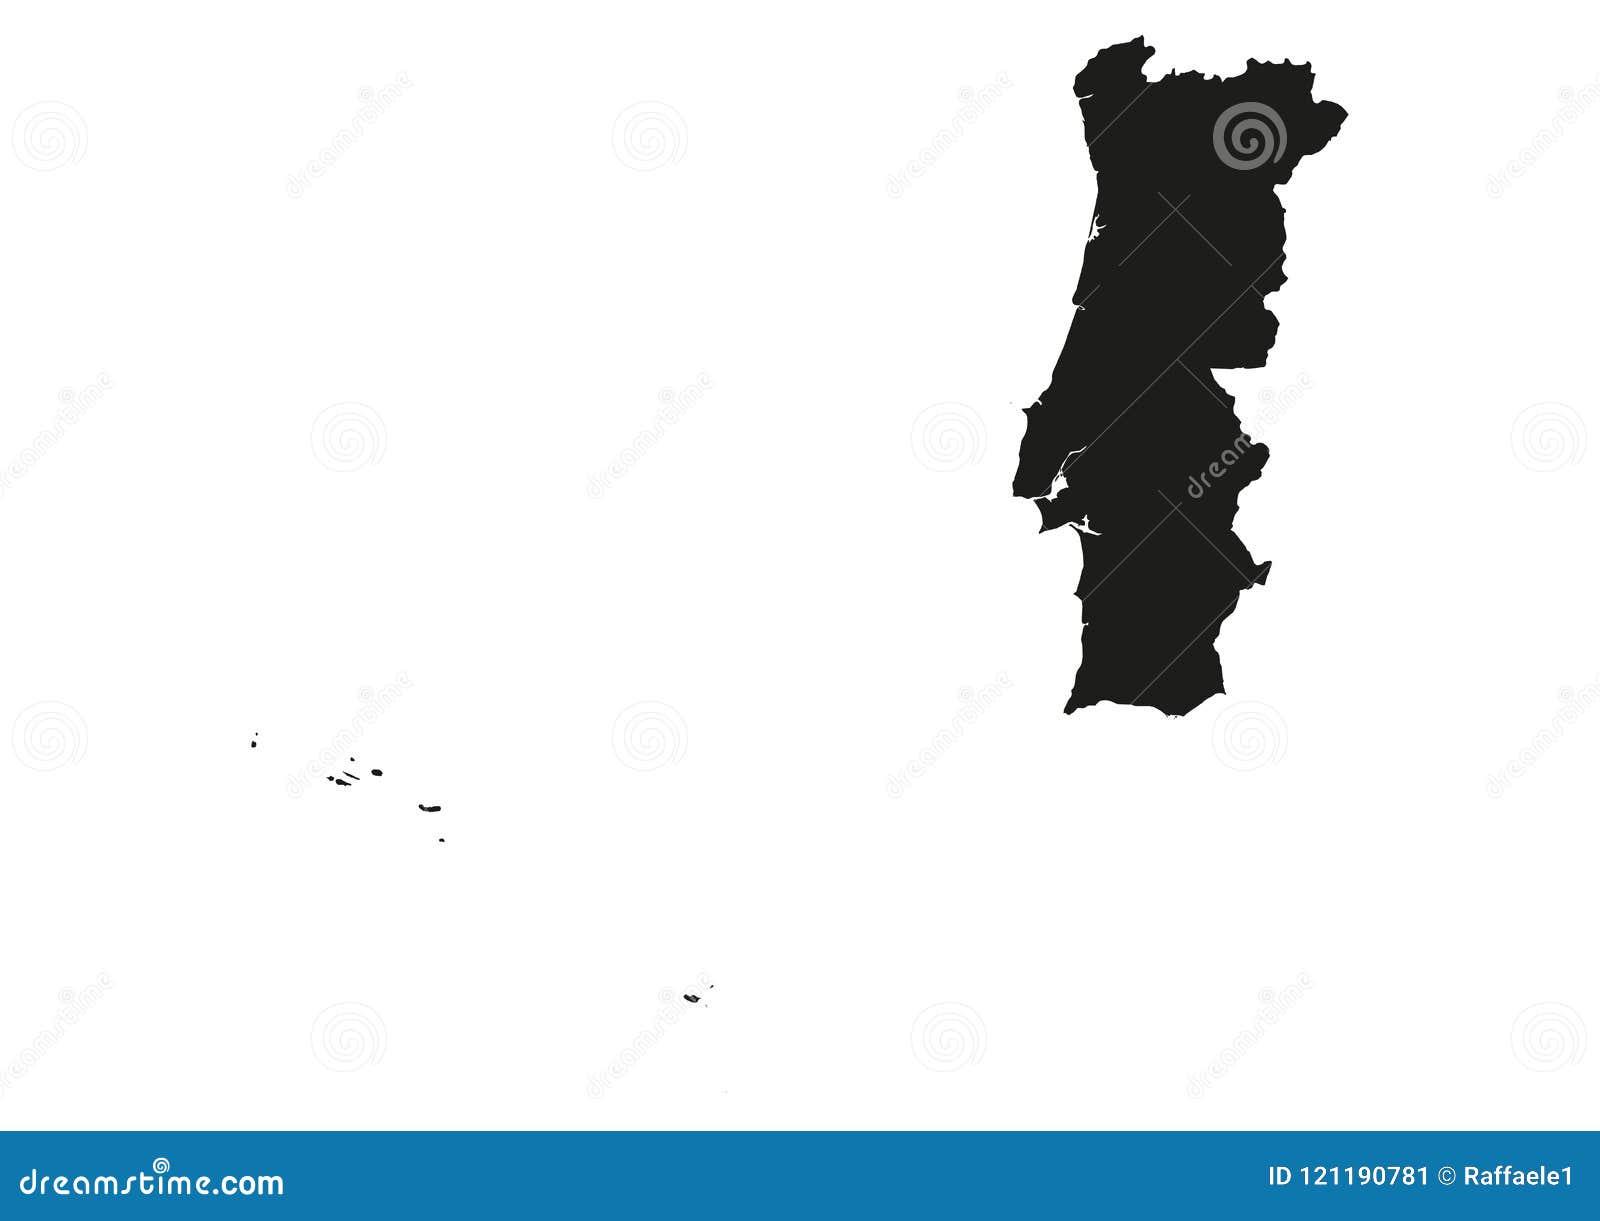 Portugal Com Acores E Estado De Madeira Traca A Silhueta Do Vetor